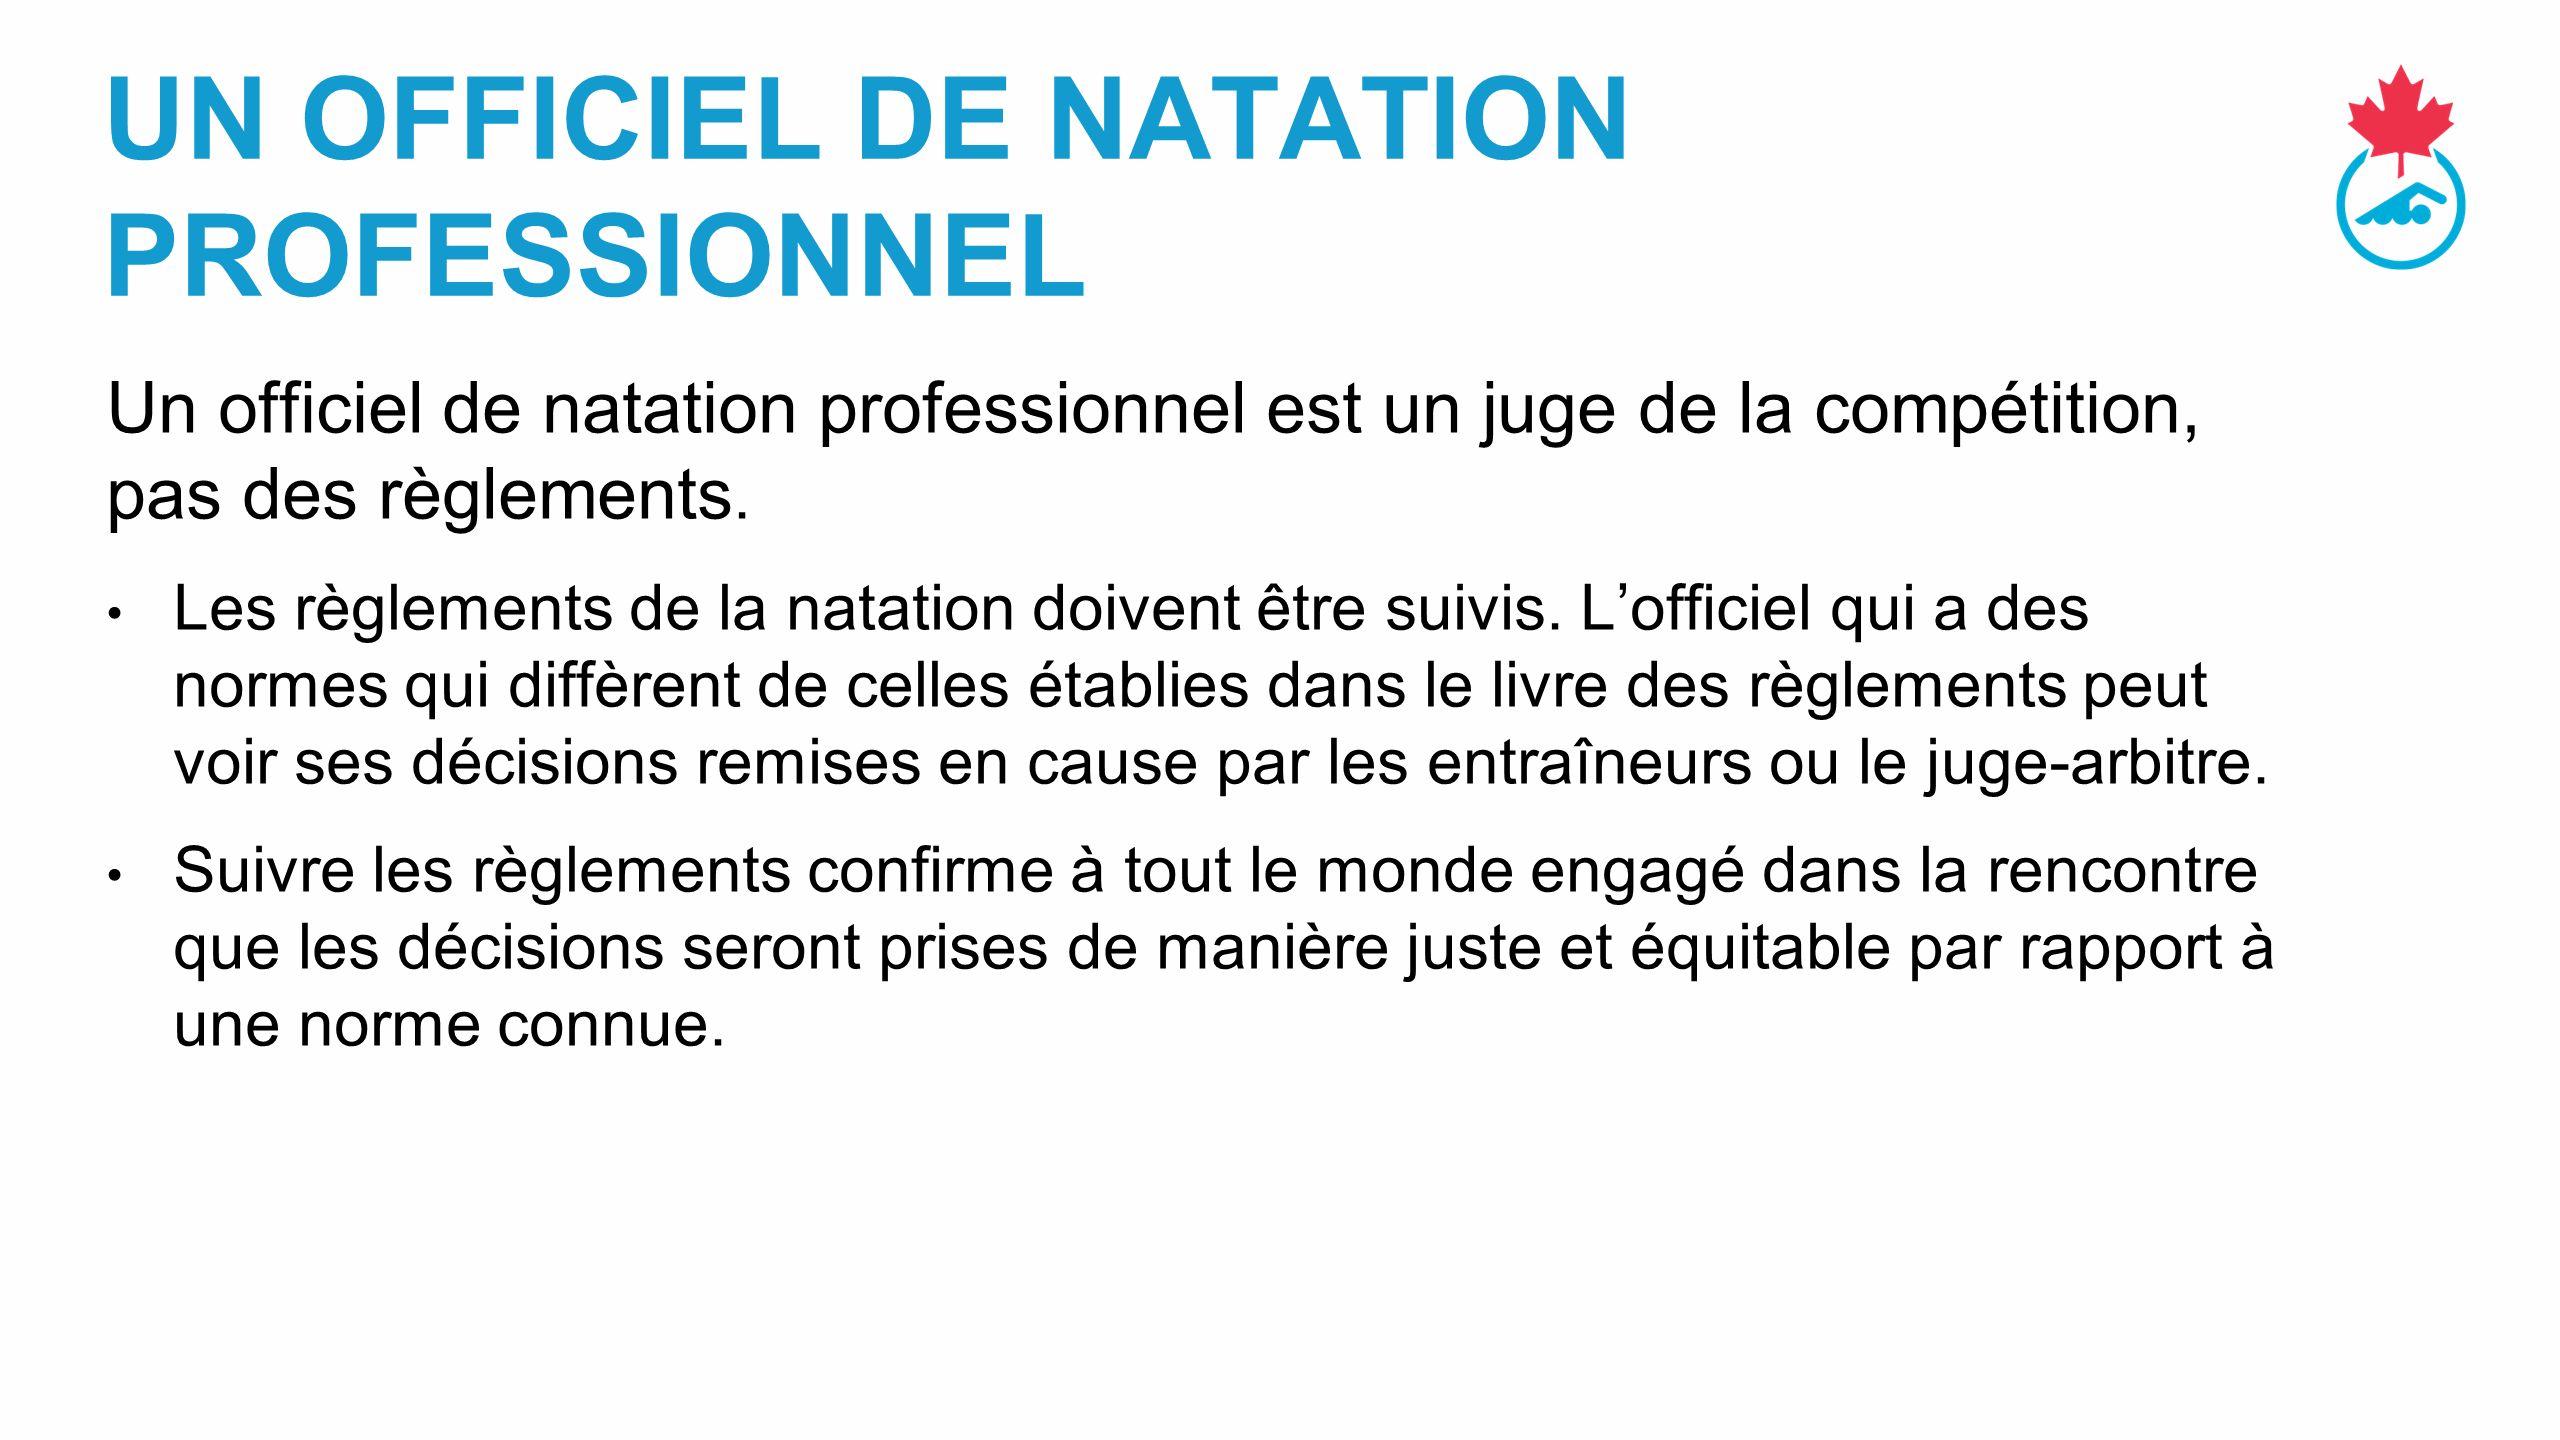 UN OFFICIEL DE NATATION PROFESSIONNEL